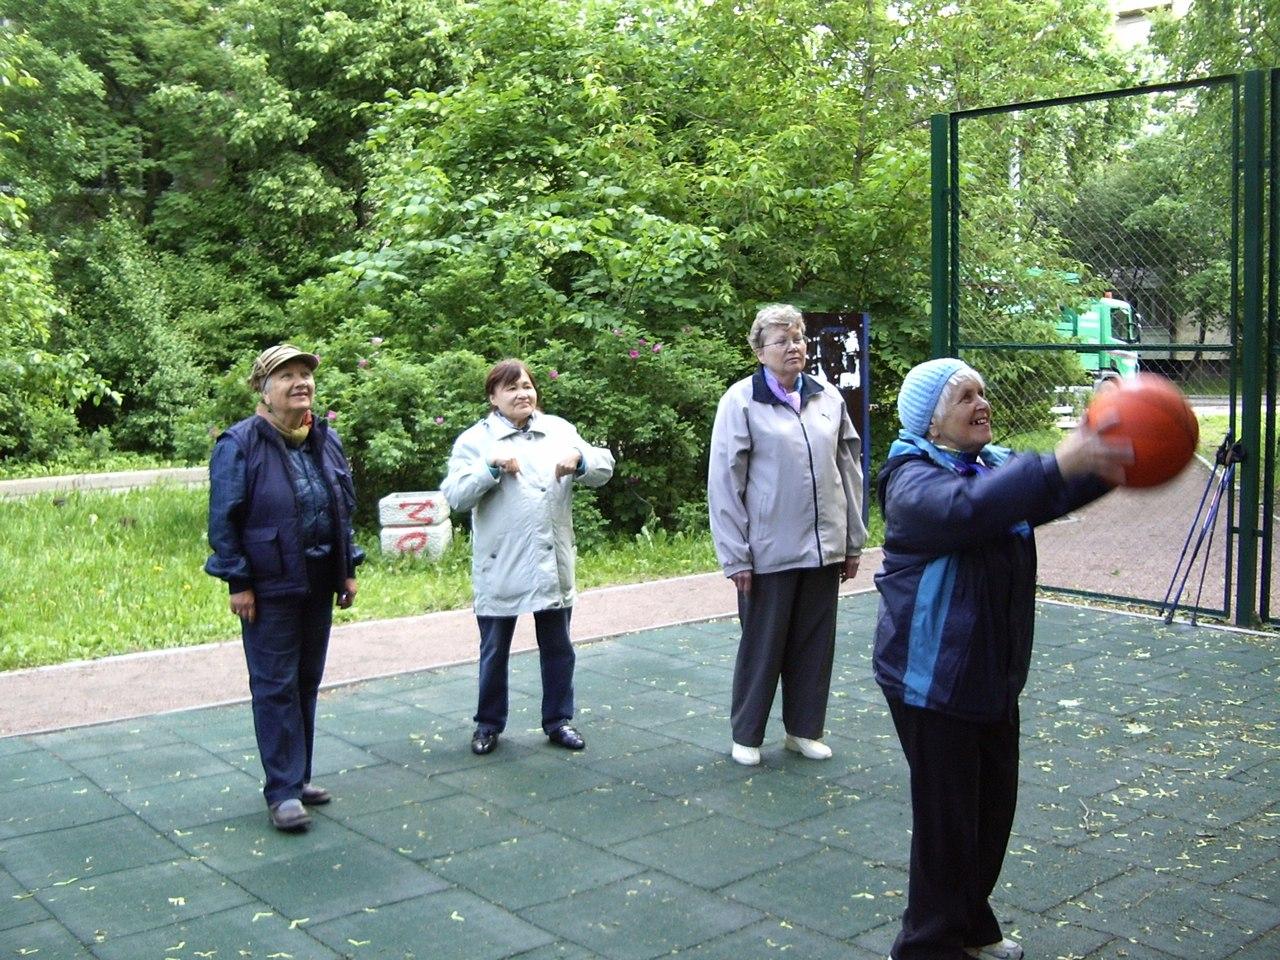 Фототчёт - Броски по кольцу и занятия по Скандинавской ходьбе группы